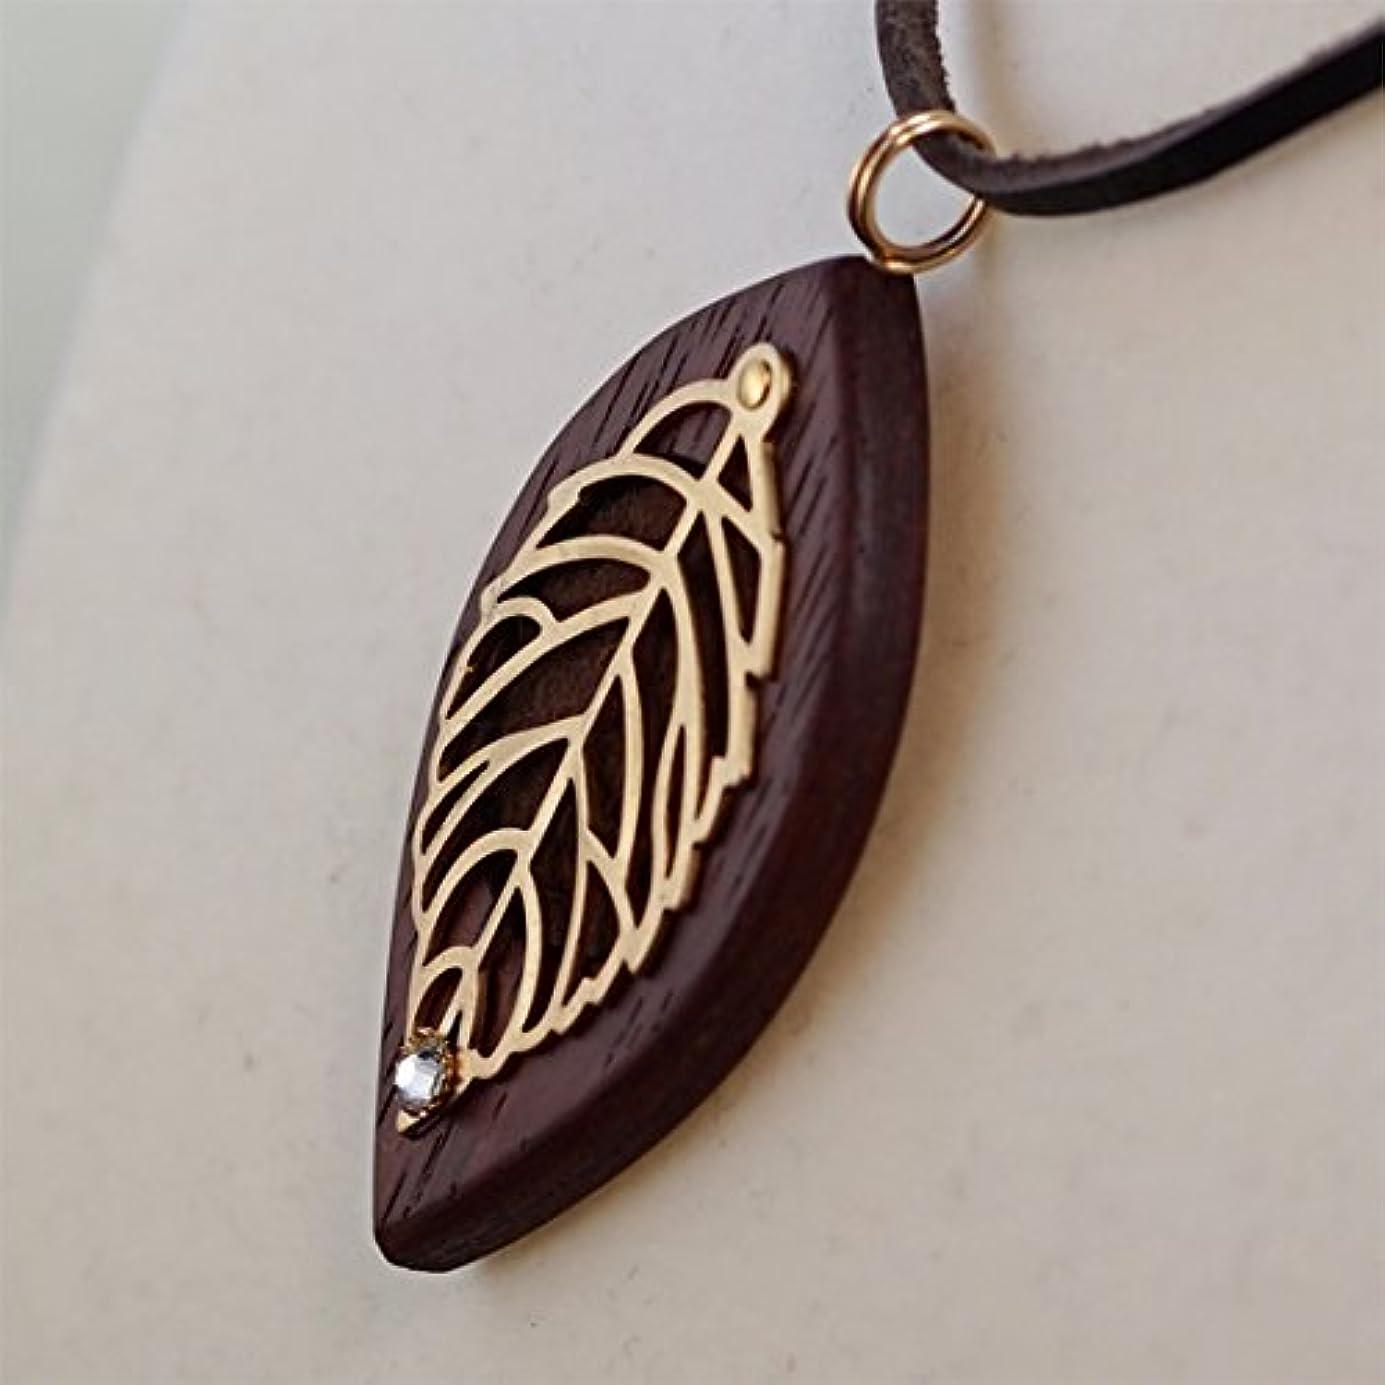 手紙を書く湾遠洋の木製オリジナルアロマペンダント 【天使の小瓶】 木の葉(ゴールド)